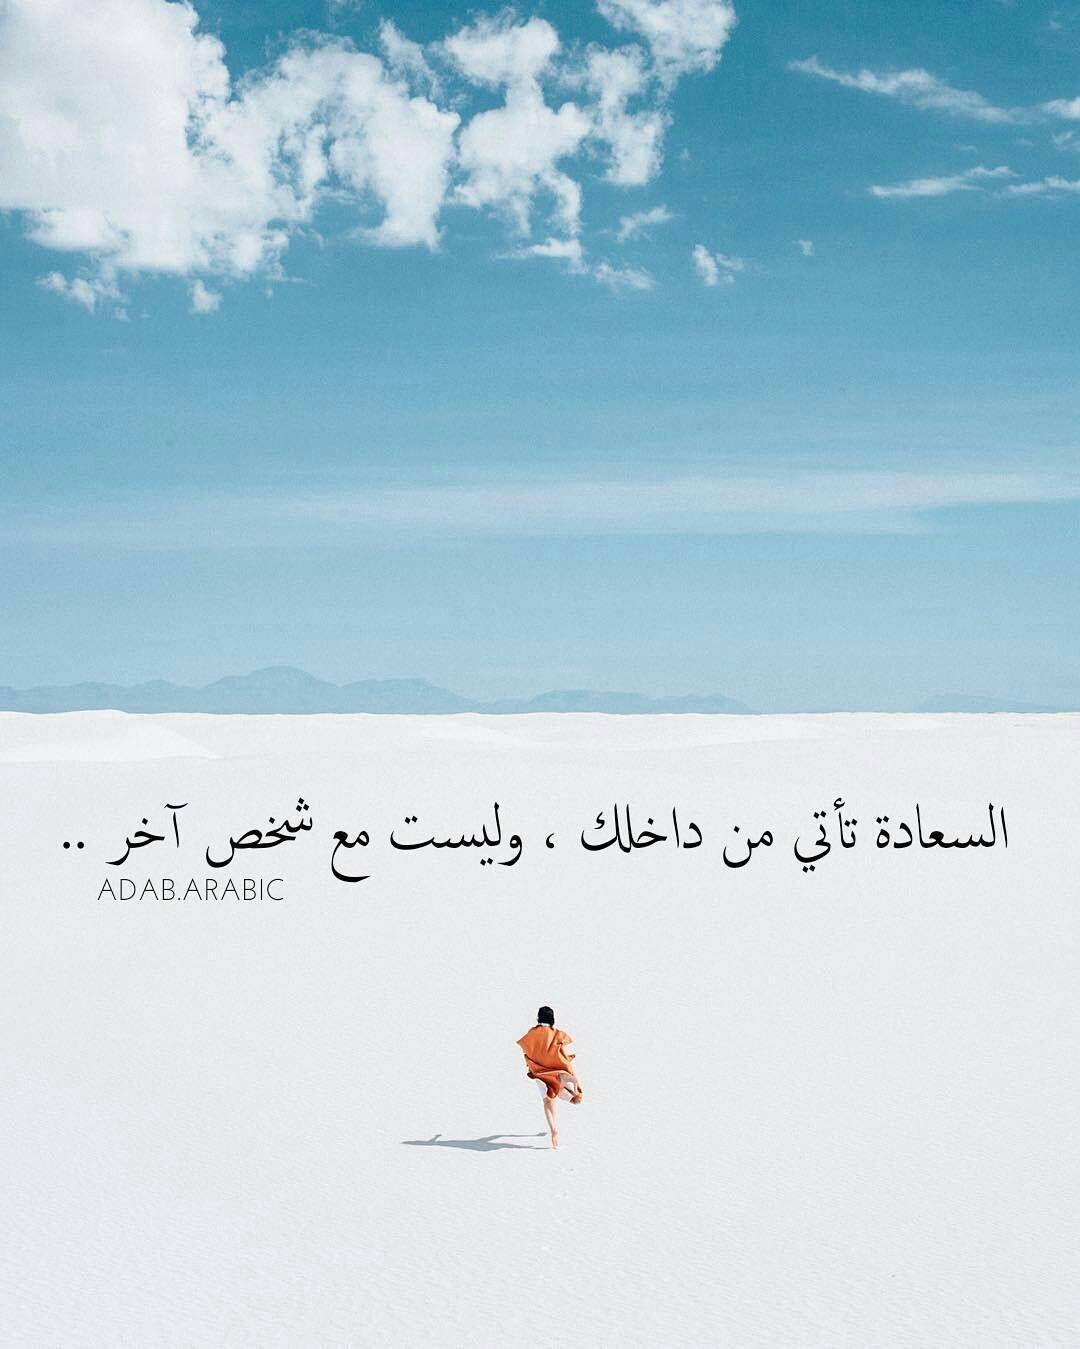 أدب عربي On Instagram ماهو رأيكم السعادة تأتي من داخلك وليست مع شخص آخر جون لينون My Pictures Feelings Words